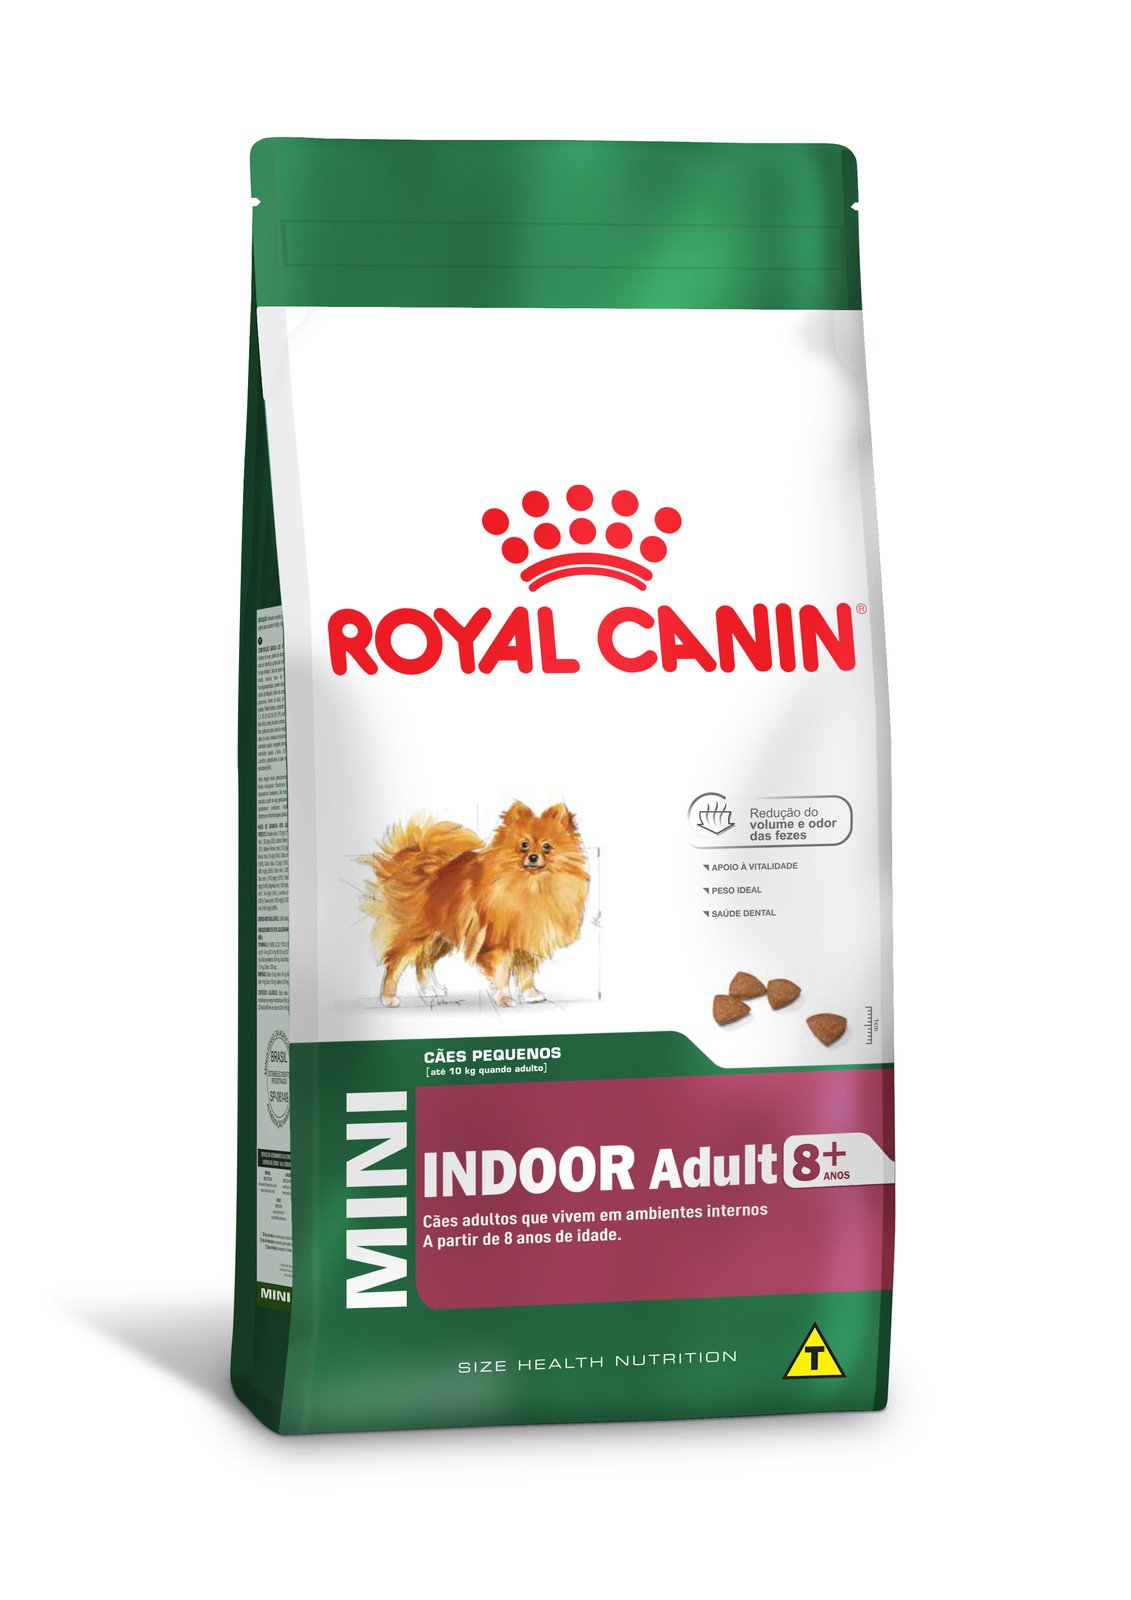 Royal Canin Mini Indoor Adult Acima de 8 Anos 1 kg